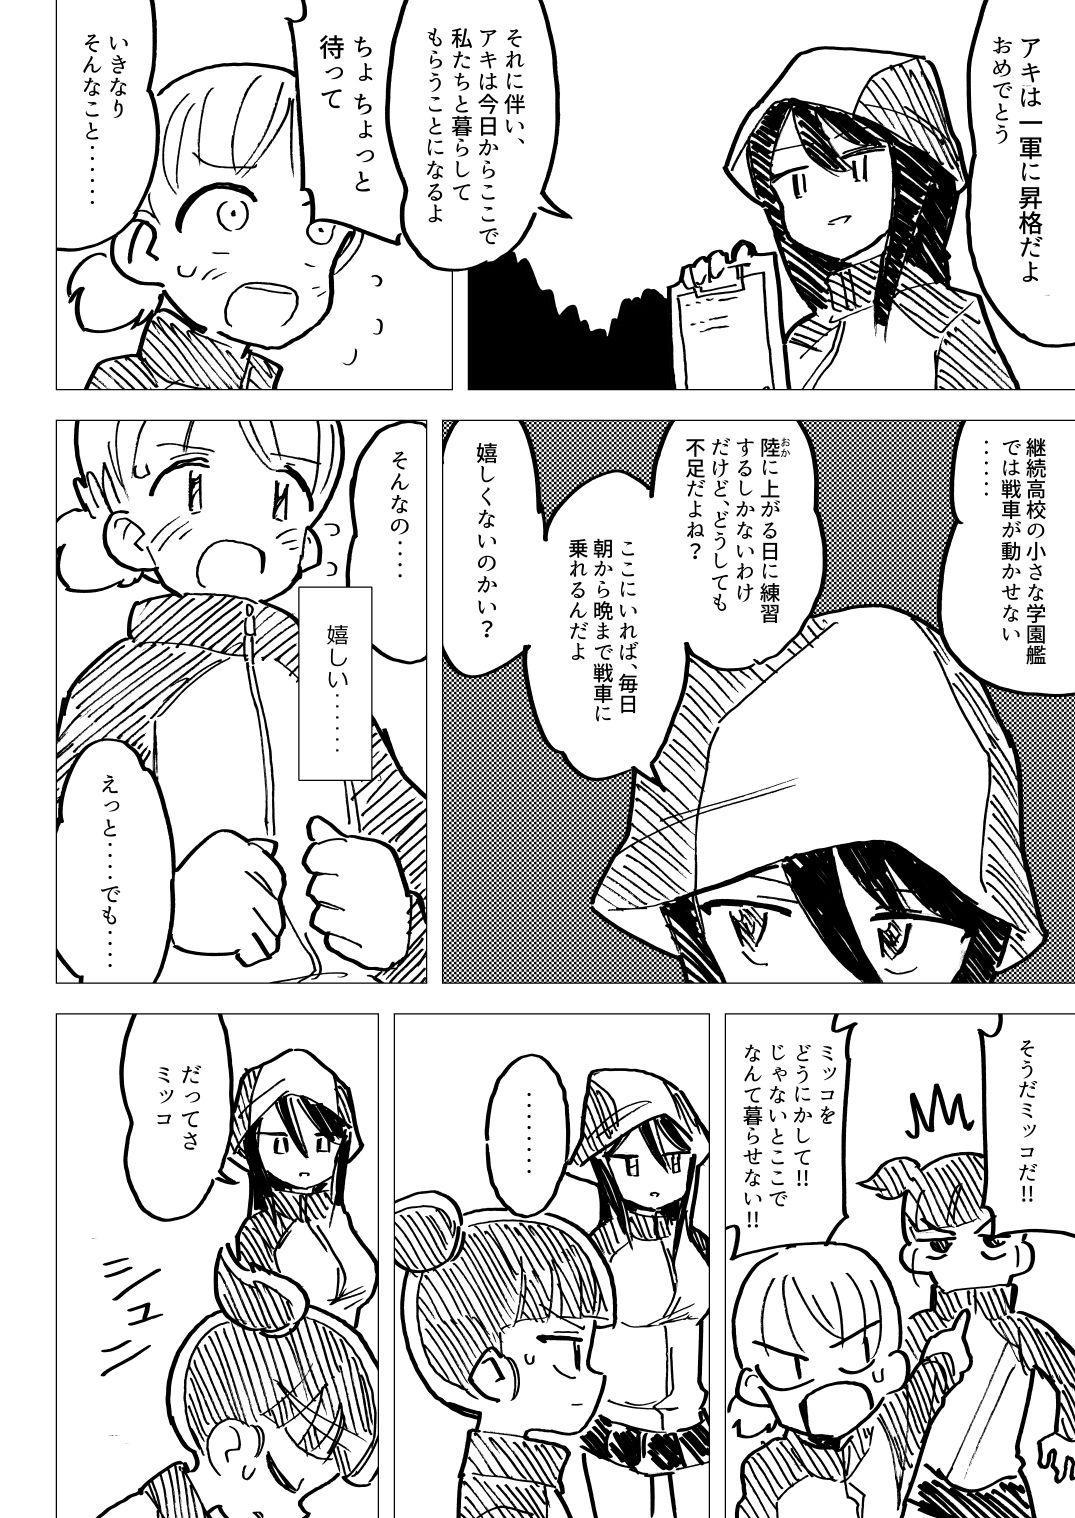 Nee Aki Kocchi Muite + 1 16